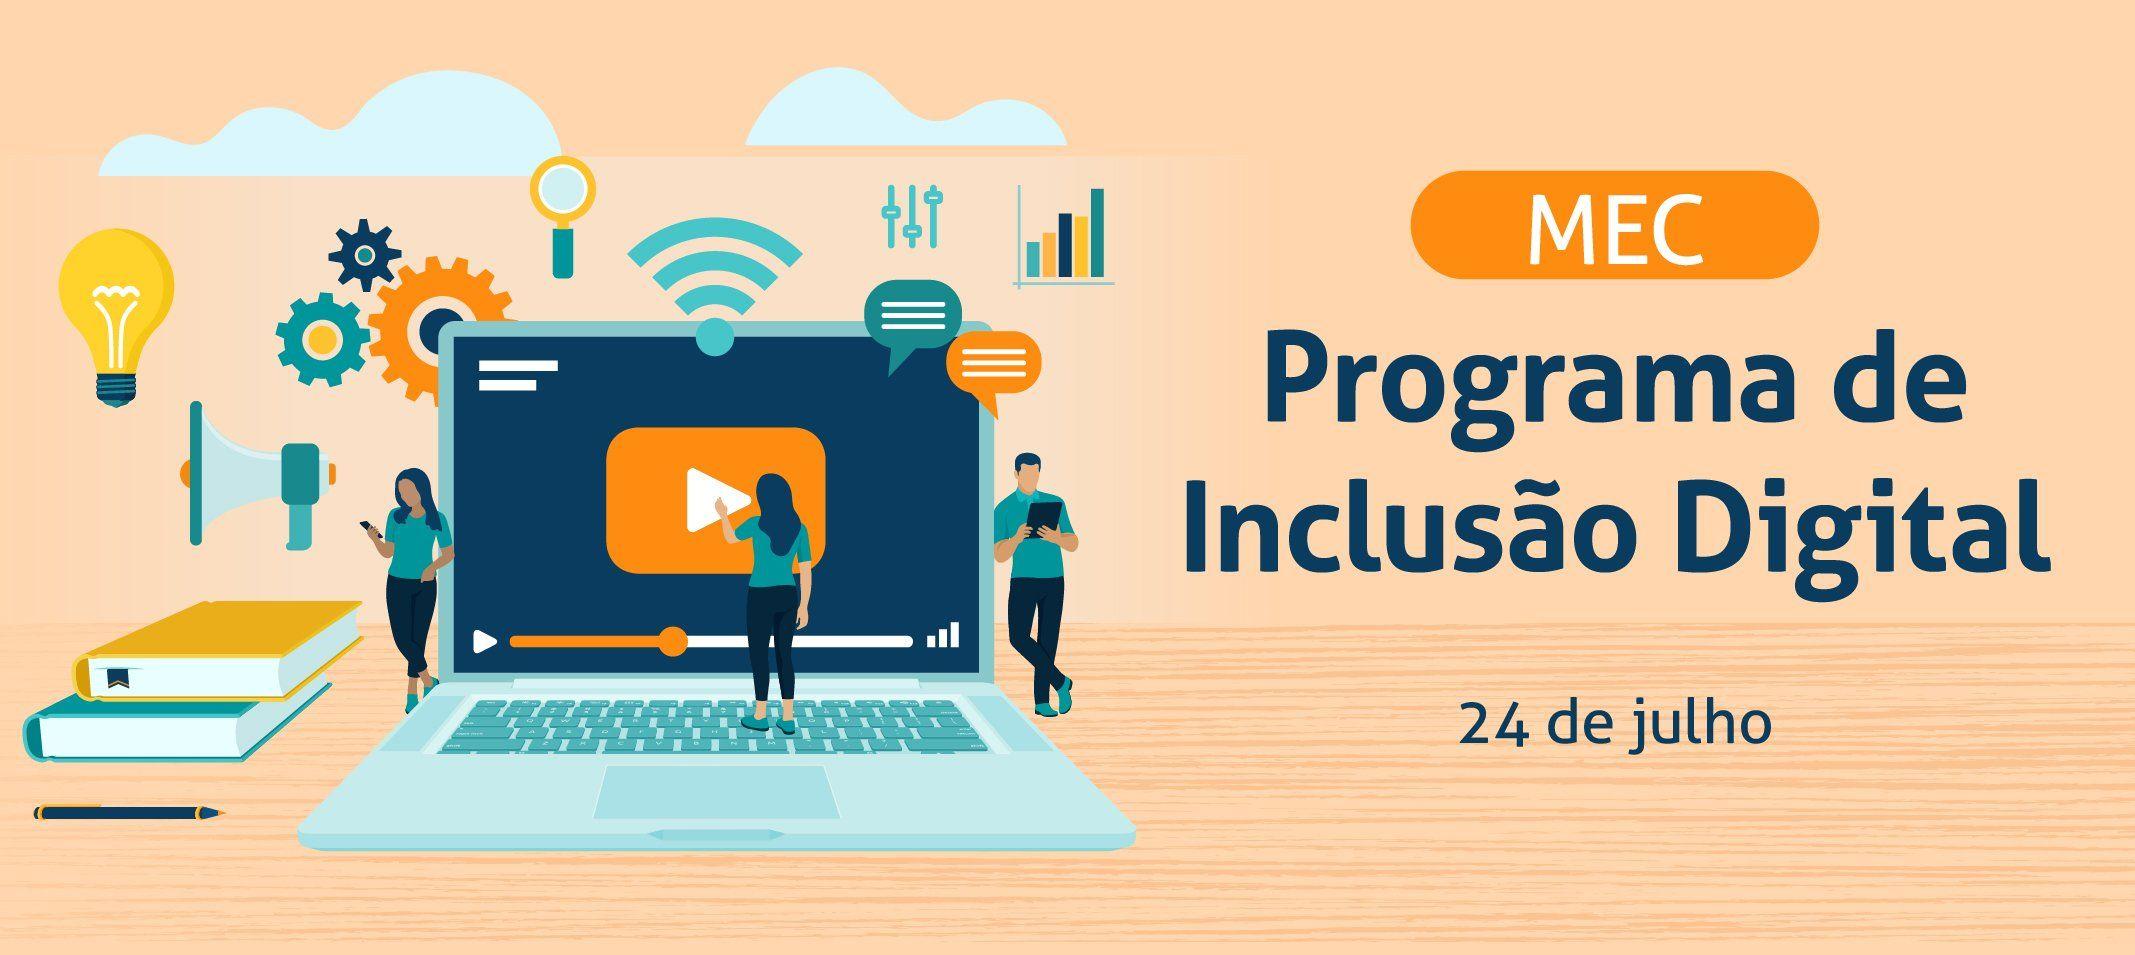 Ufam faz adesão ao programa de inclusão digital do MEC